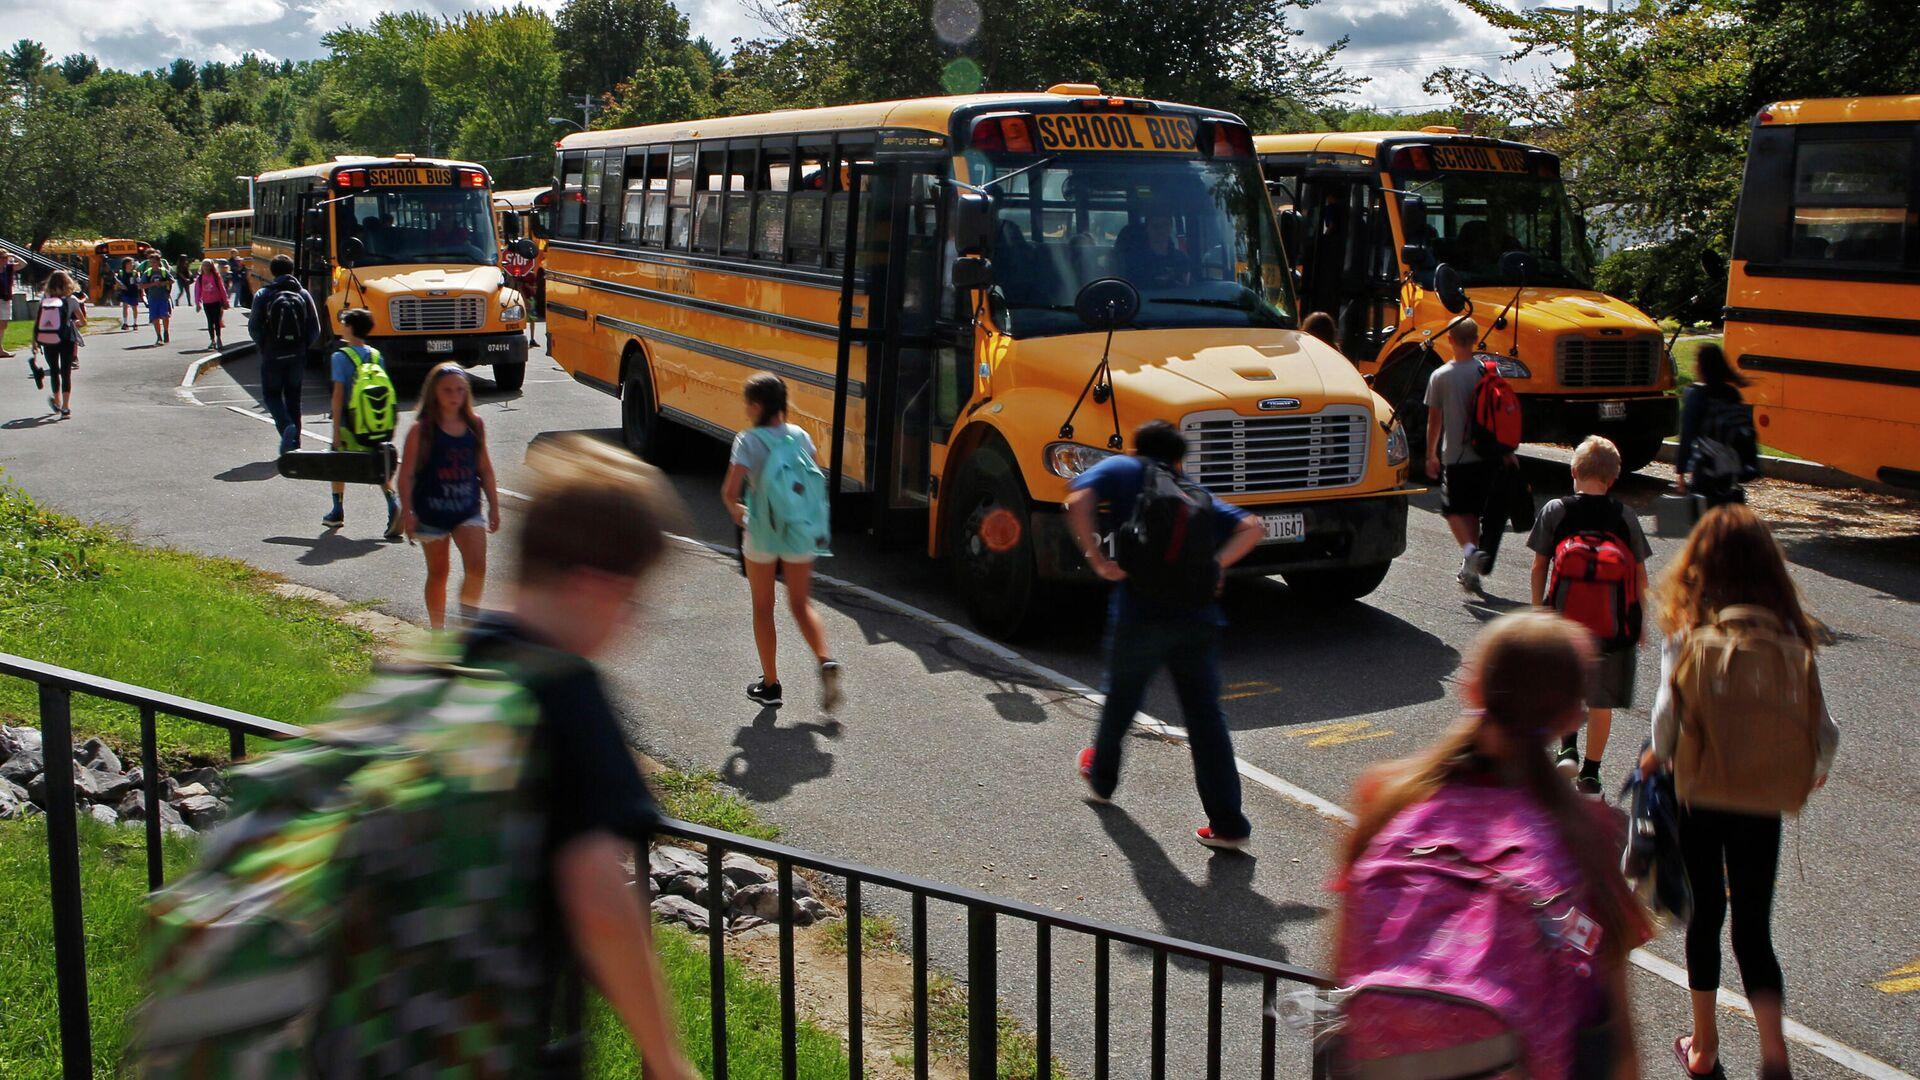 Ученики средней школы направляются к автобусам в Йорке, штат Мэн - РИА Новости, 1920, 19.03.2021